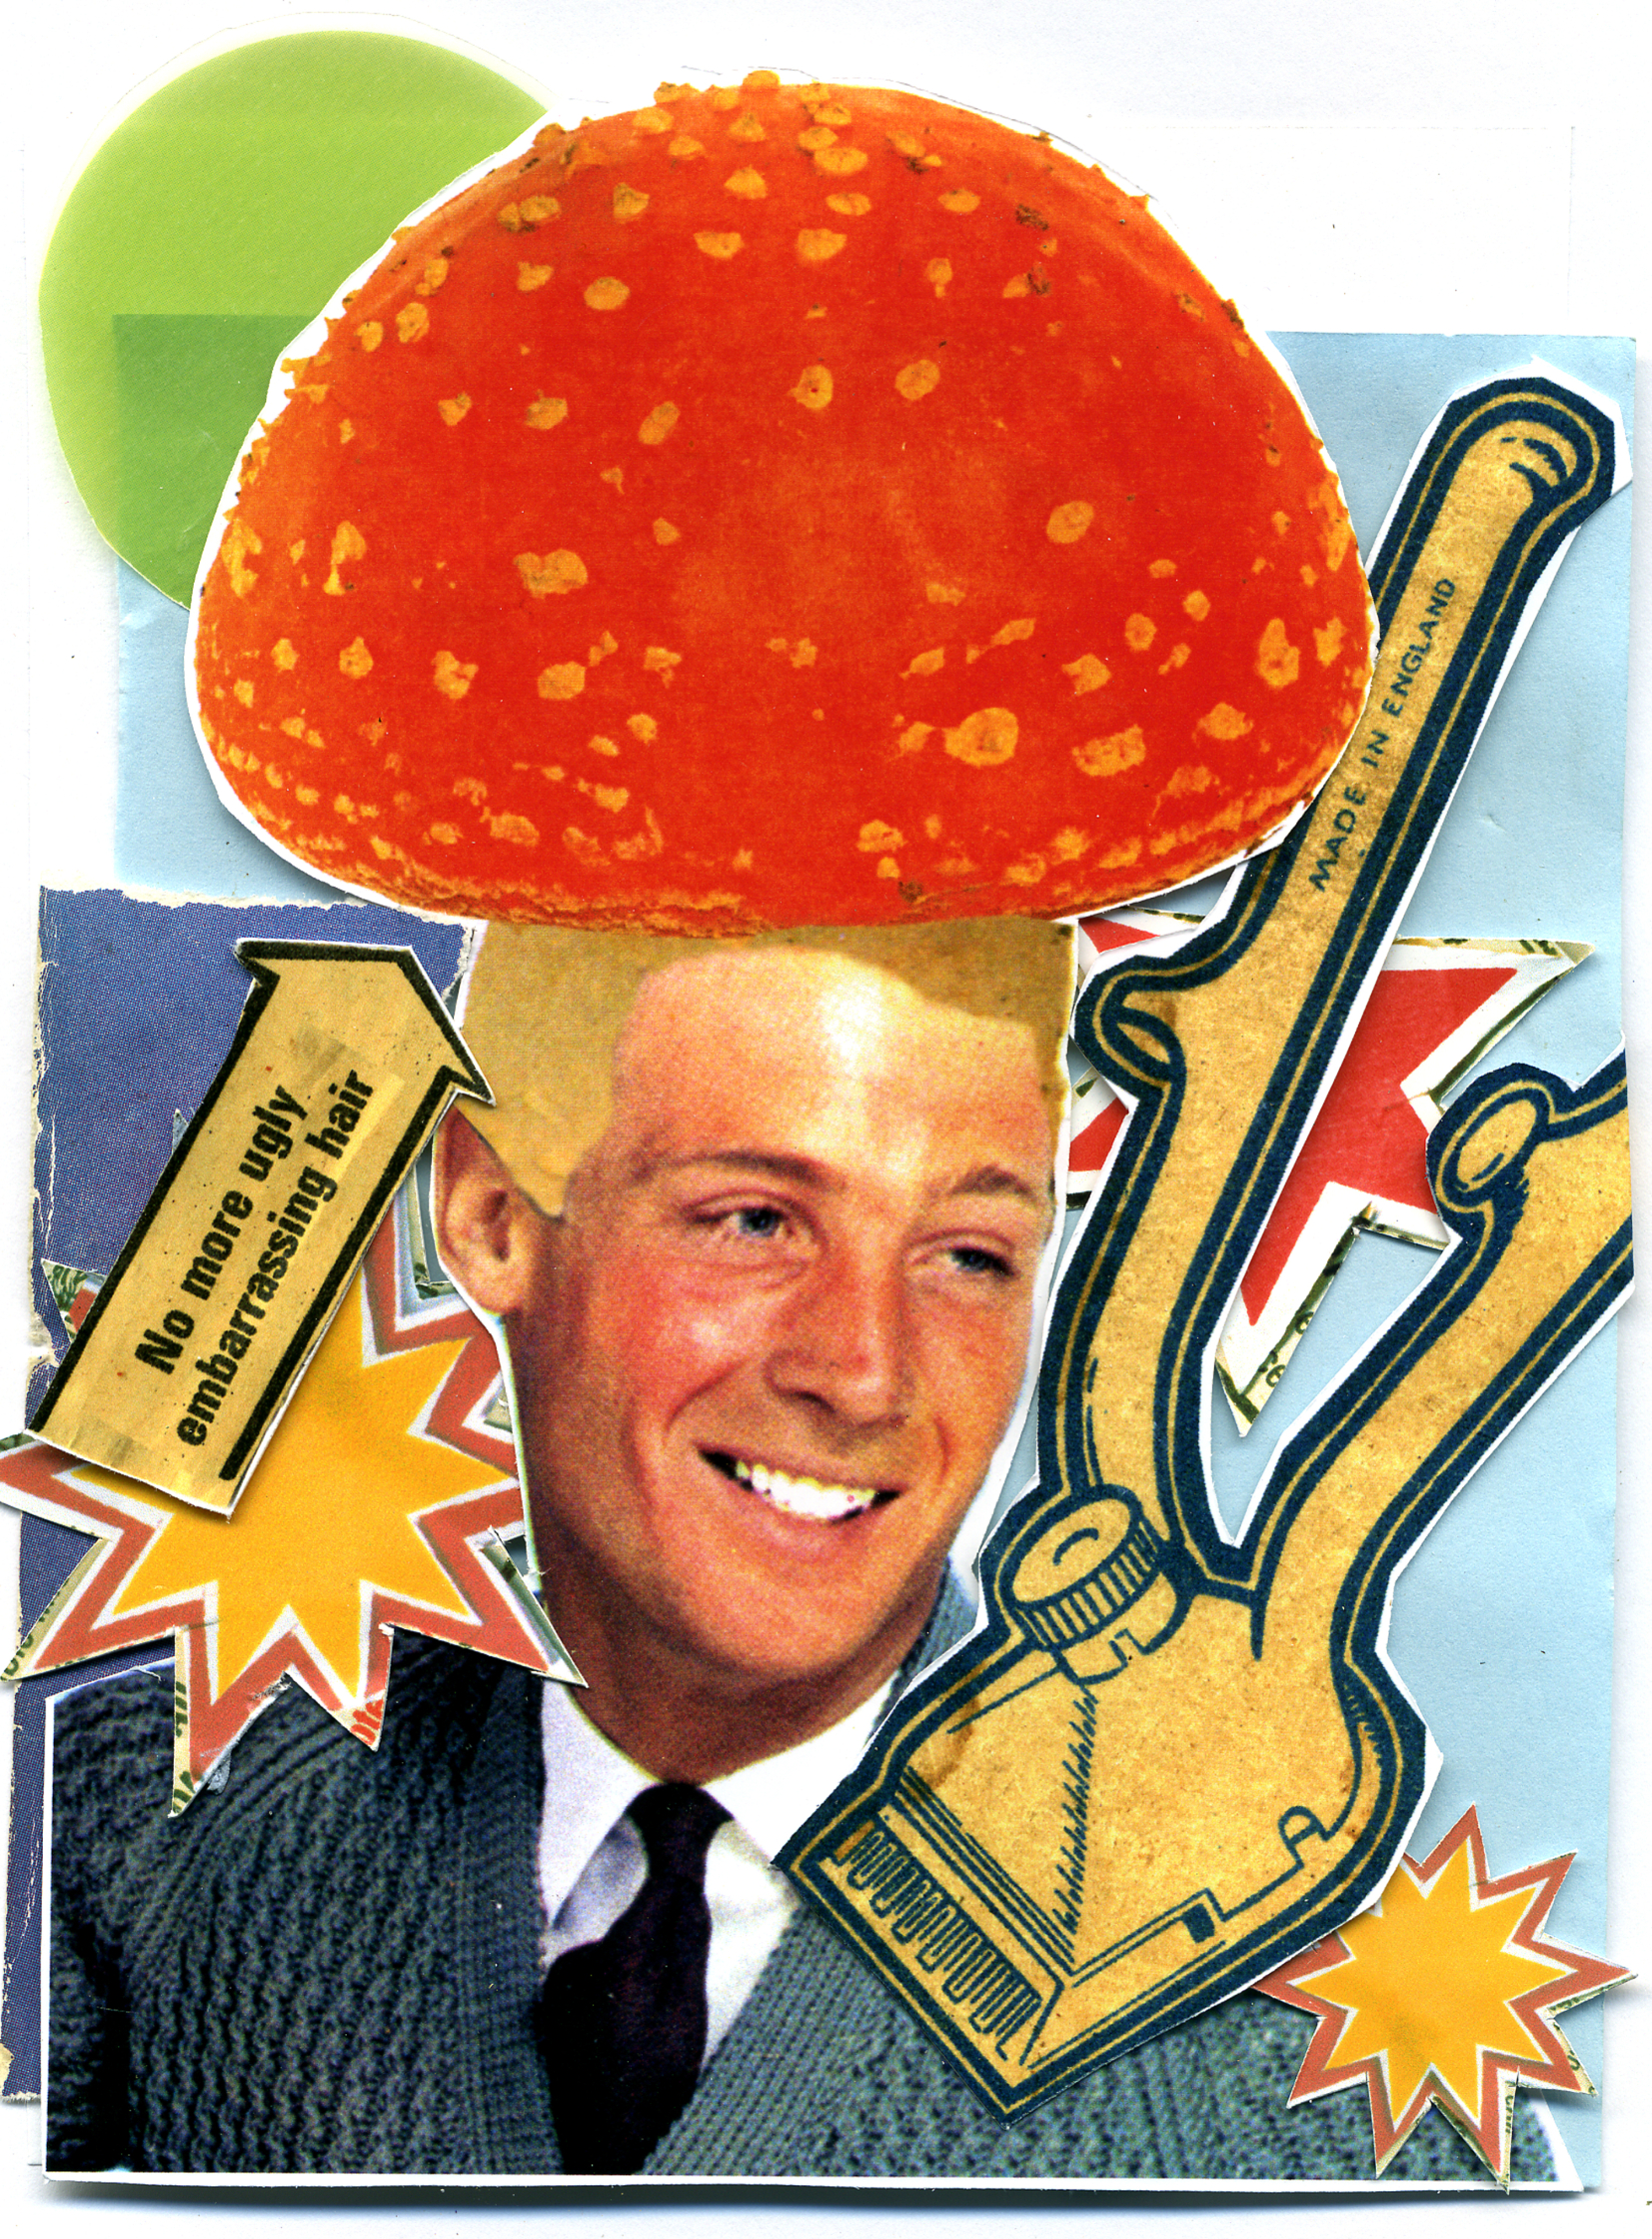 Mushroom Head Haircut GQ